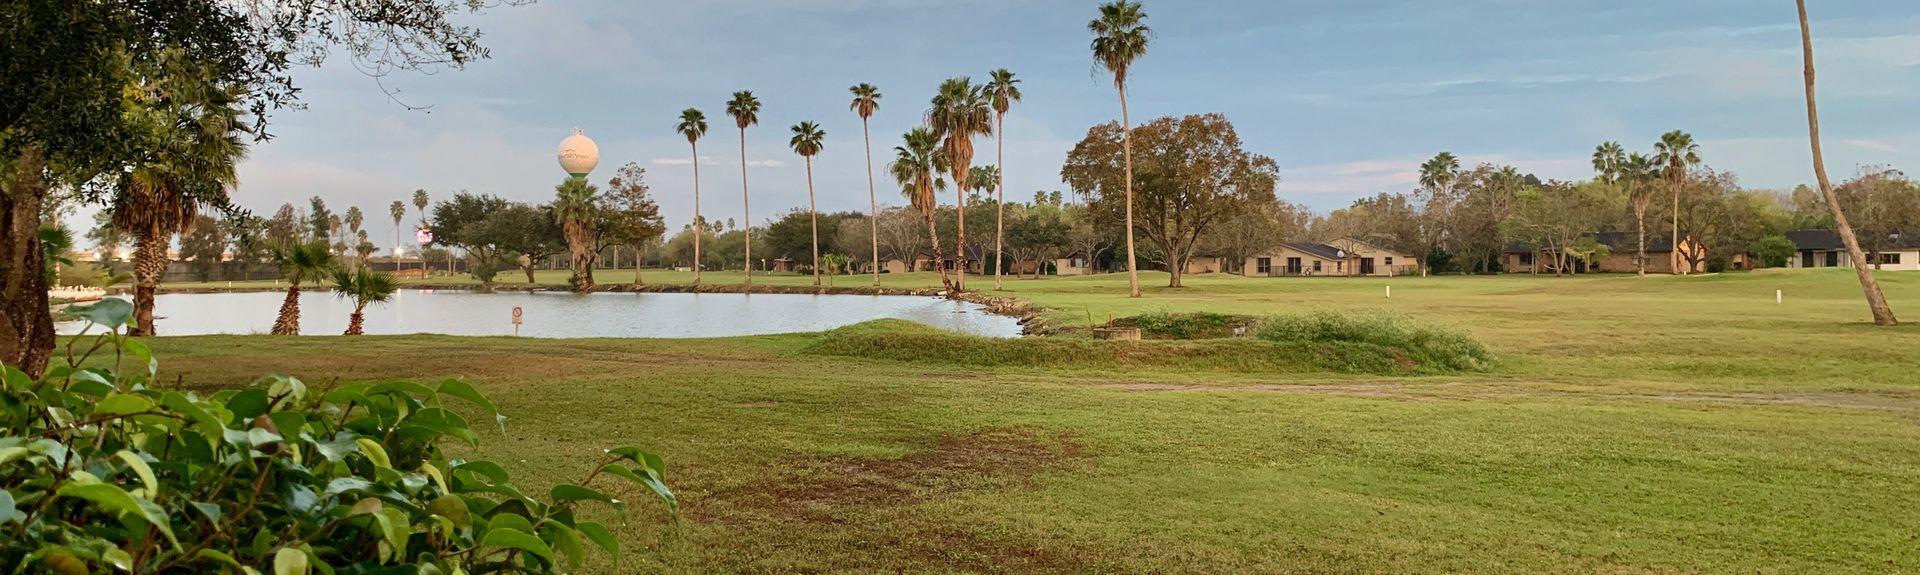 Πάρκο Victor, Χάρλινγκεν, Τέξας, Ηνωμένες Πολιτείες